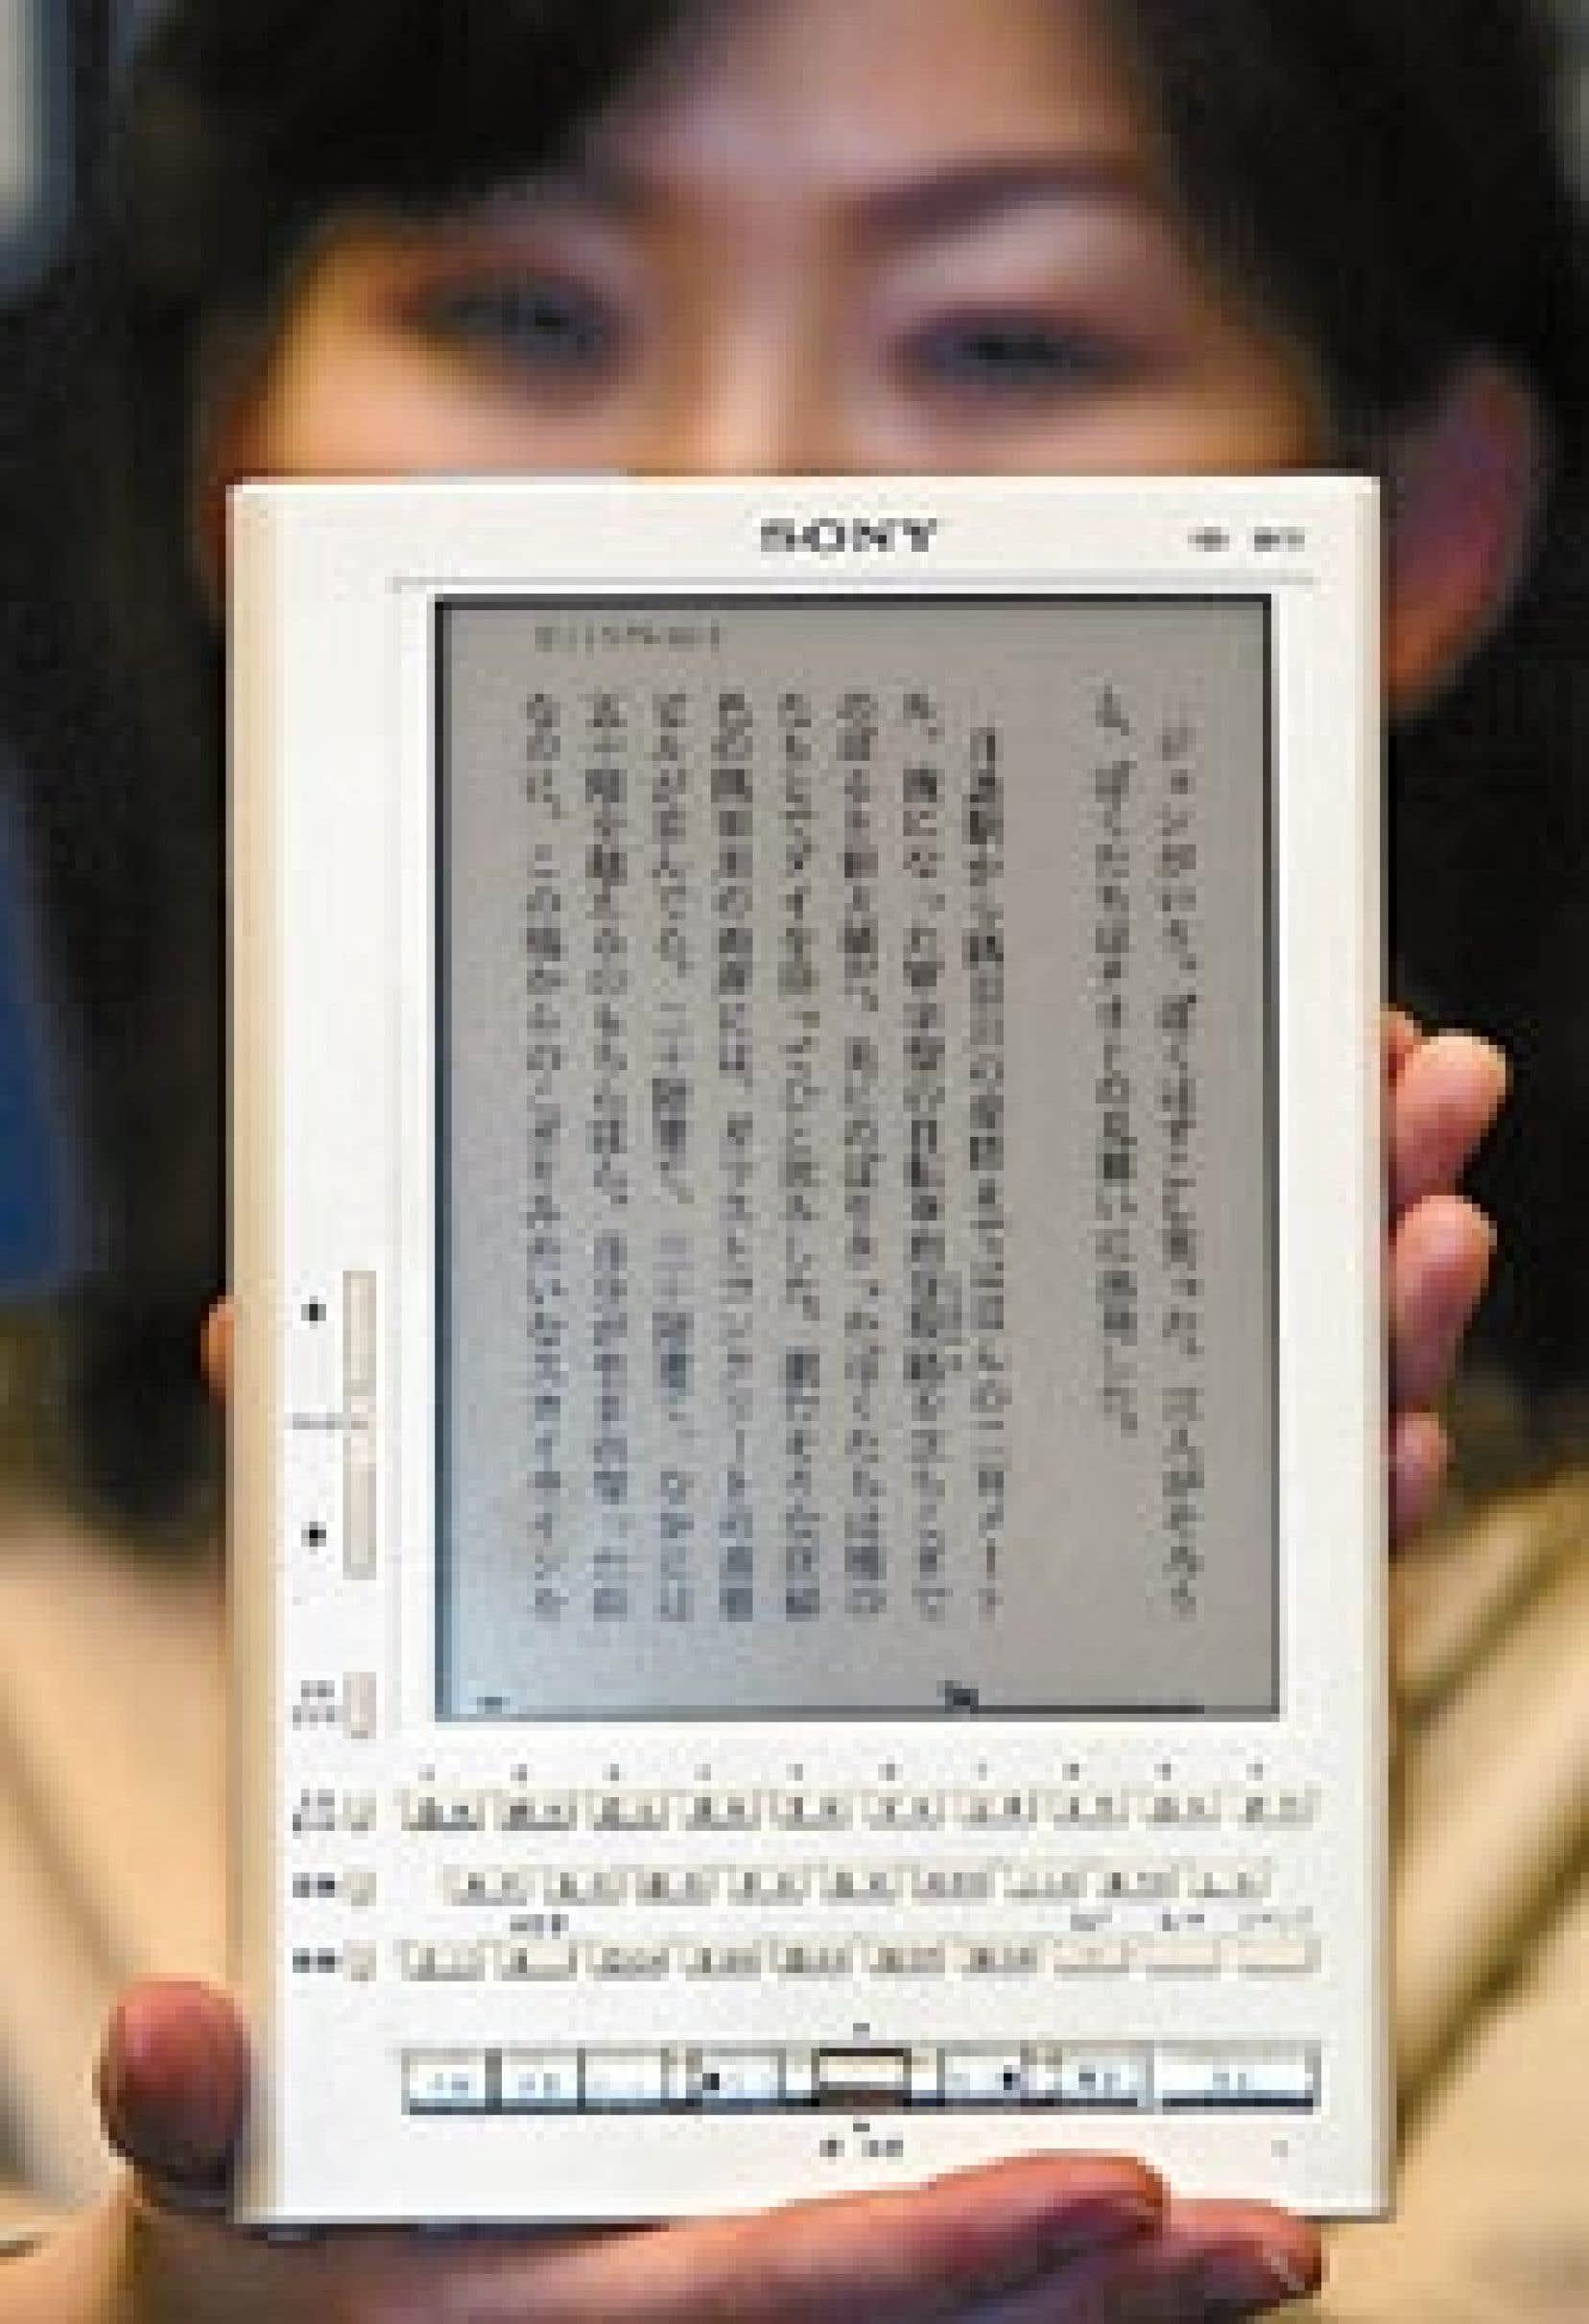 Le Librié de Sony (ci-dessus), vendu au Japon 42 000 yens (environ 505 $), ou le Ebook de Toshiba (480 $), les deux cas les plus sophistiqués, abritent les dernières percées de l'âge numérique.